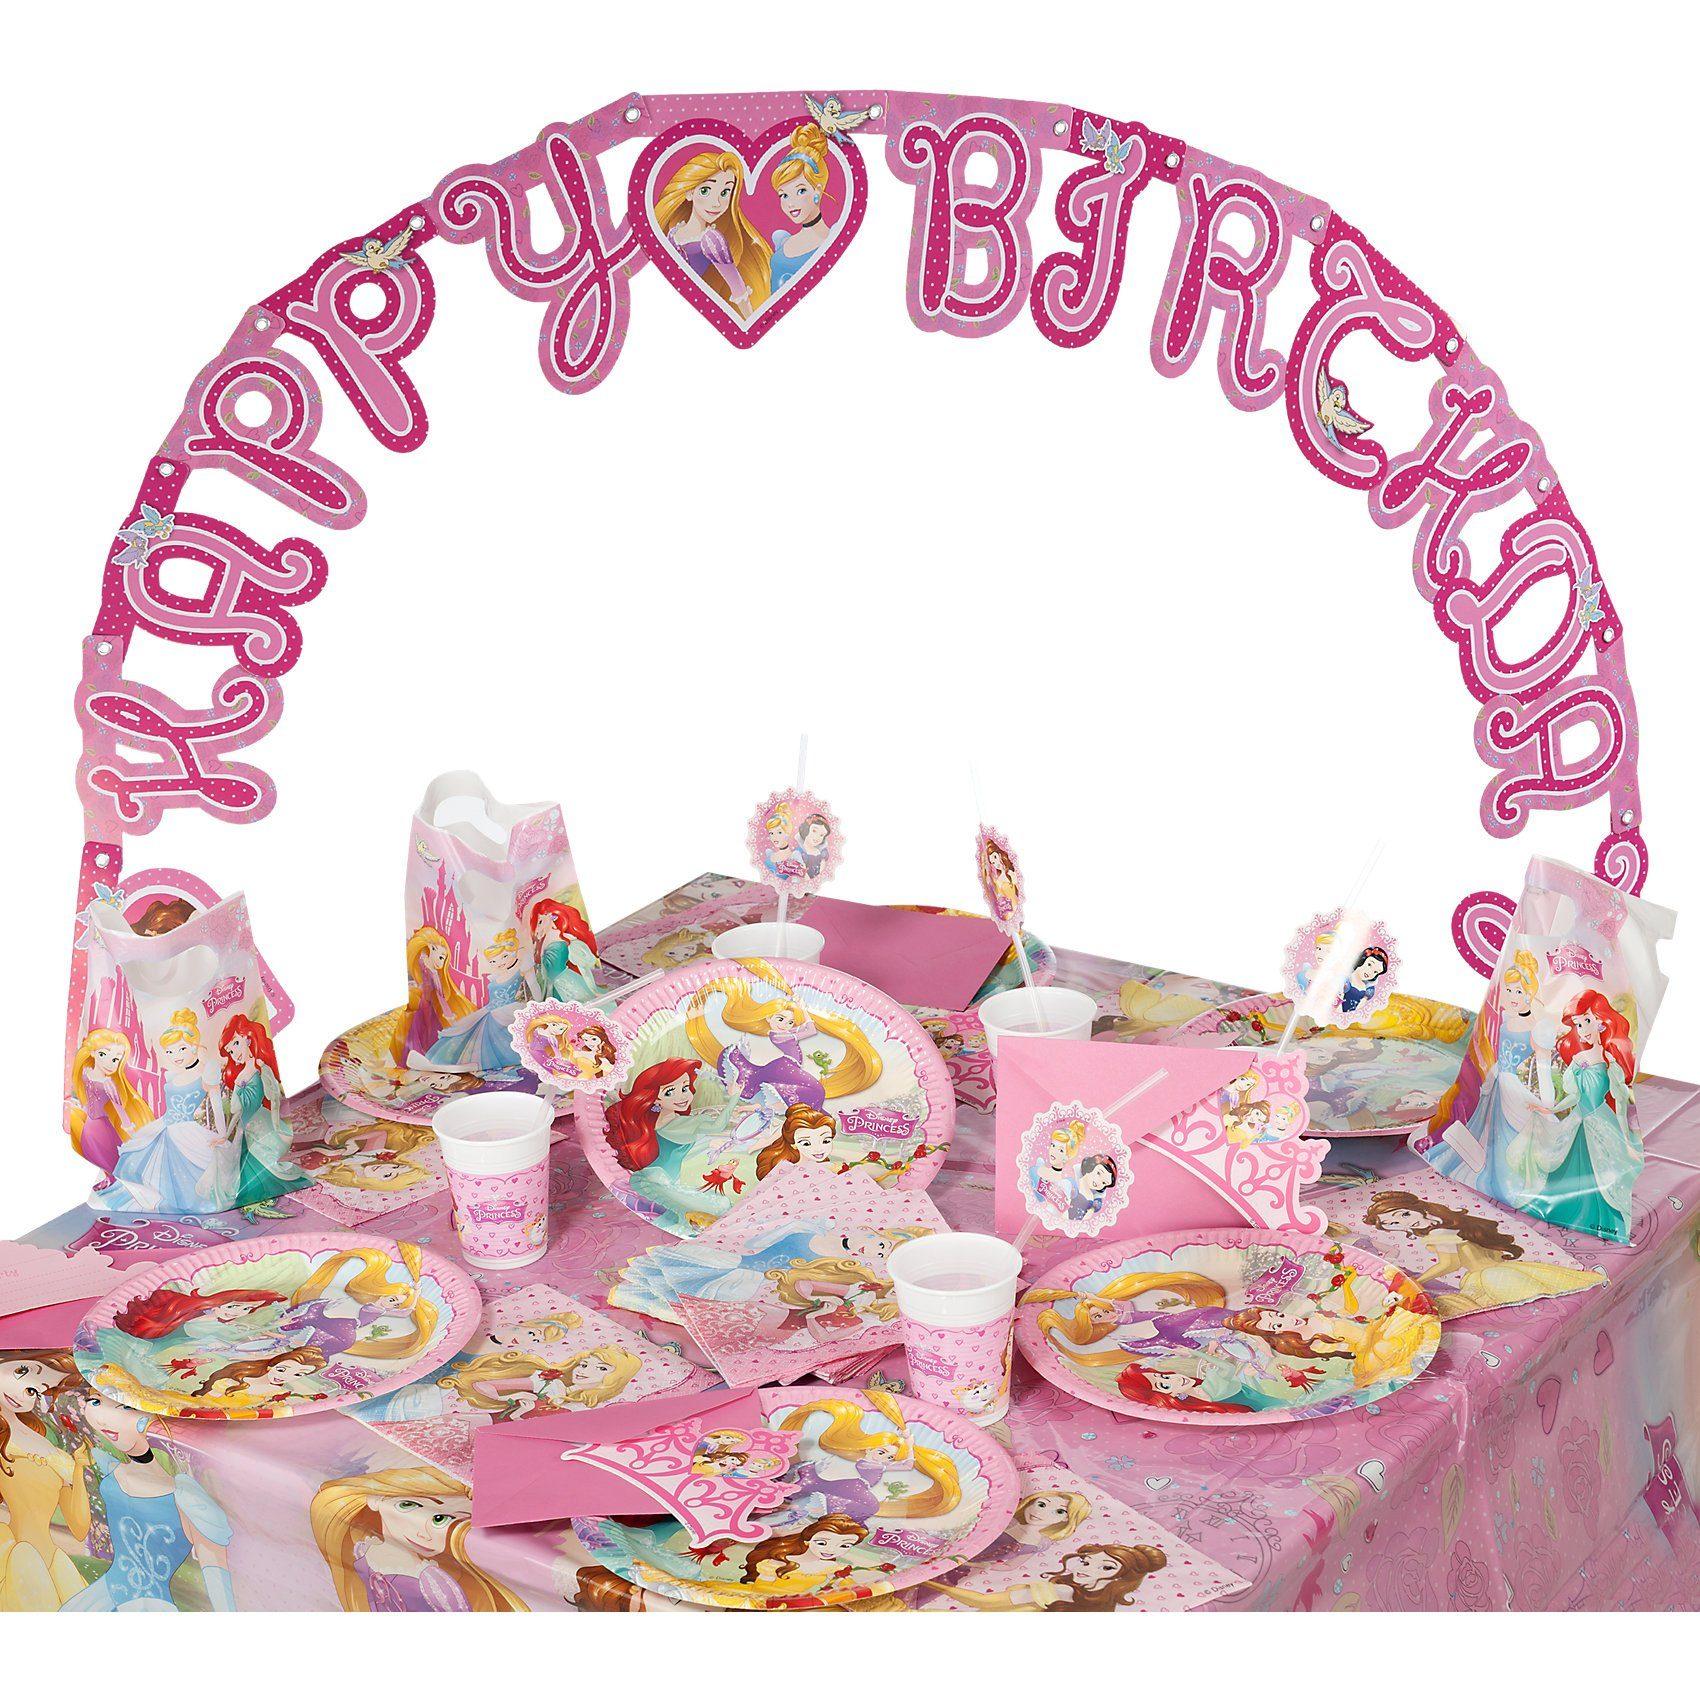 Procos Partyset Disney Princess Dreaming, 56-tlg.